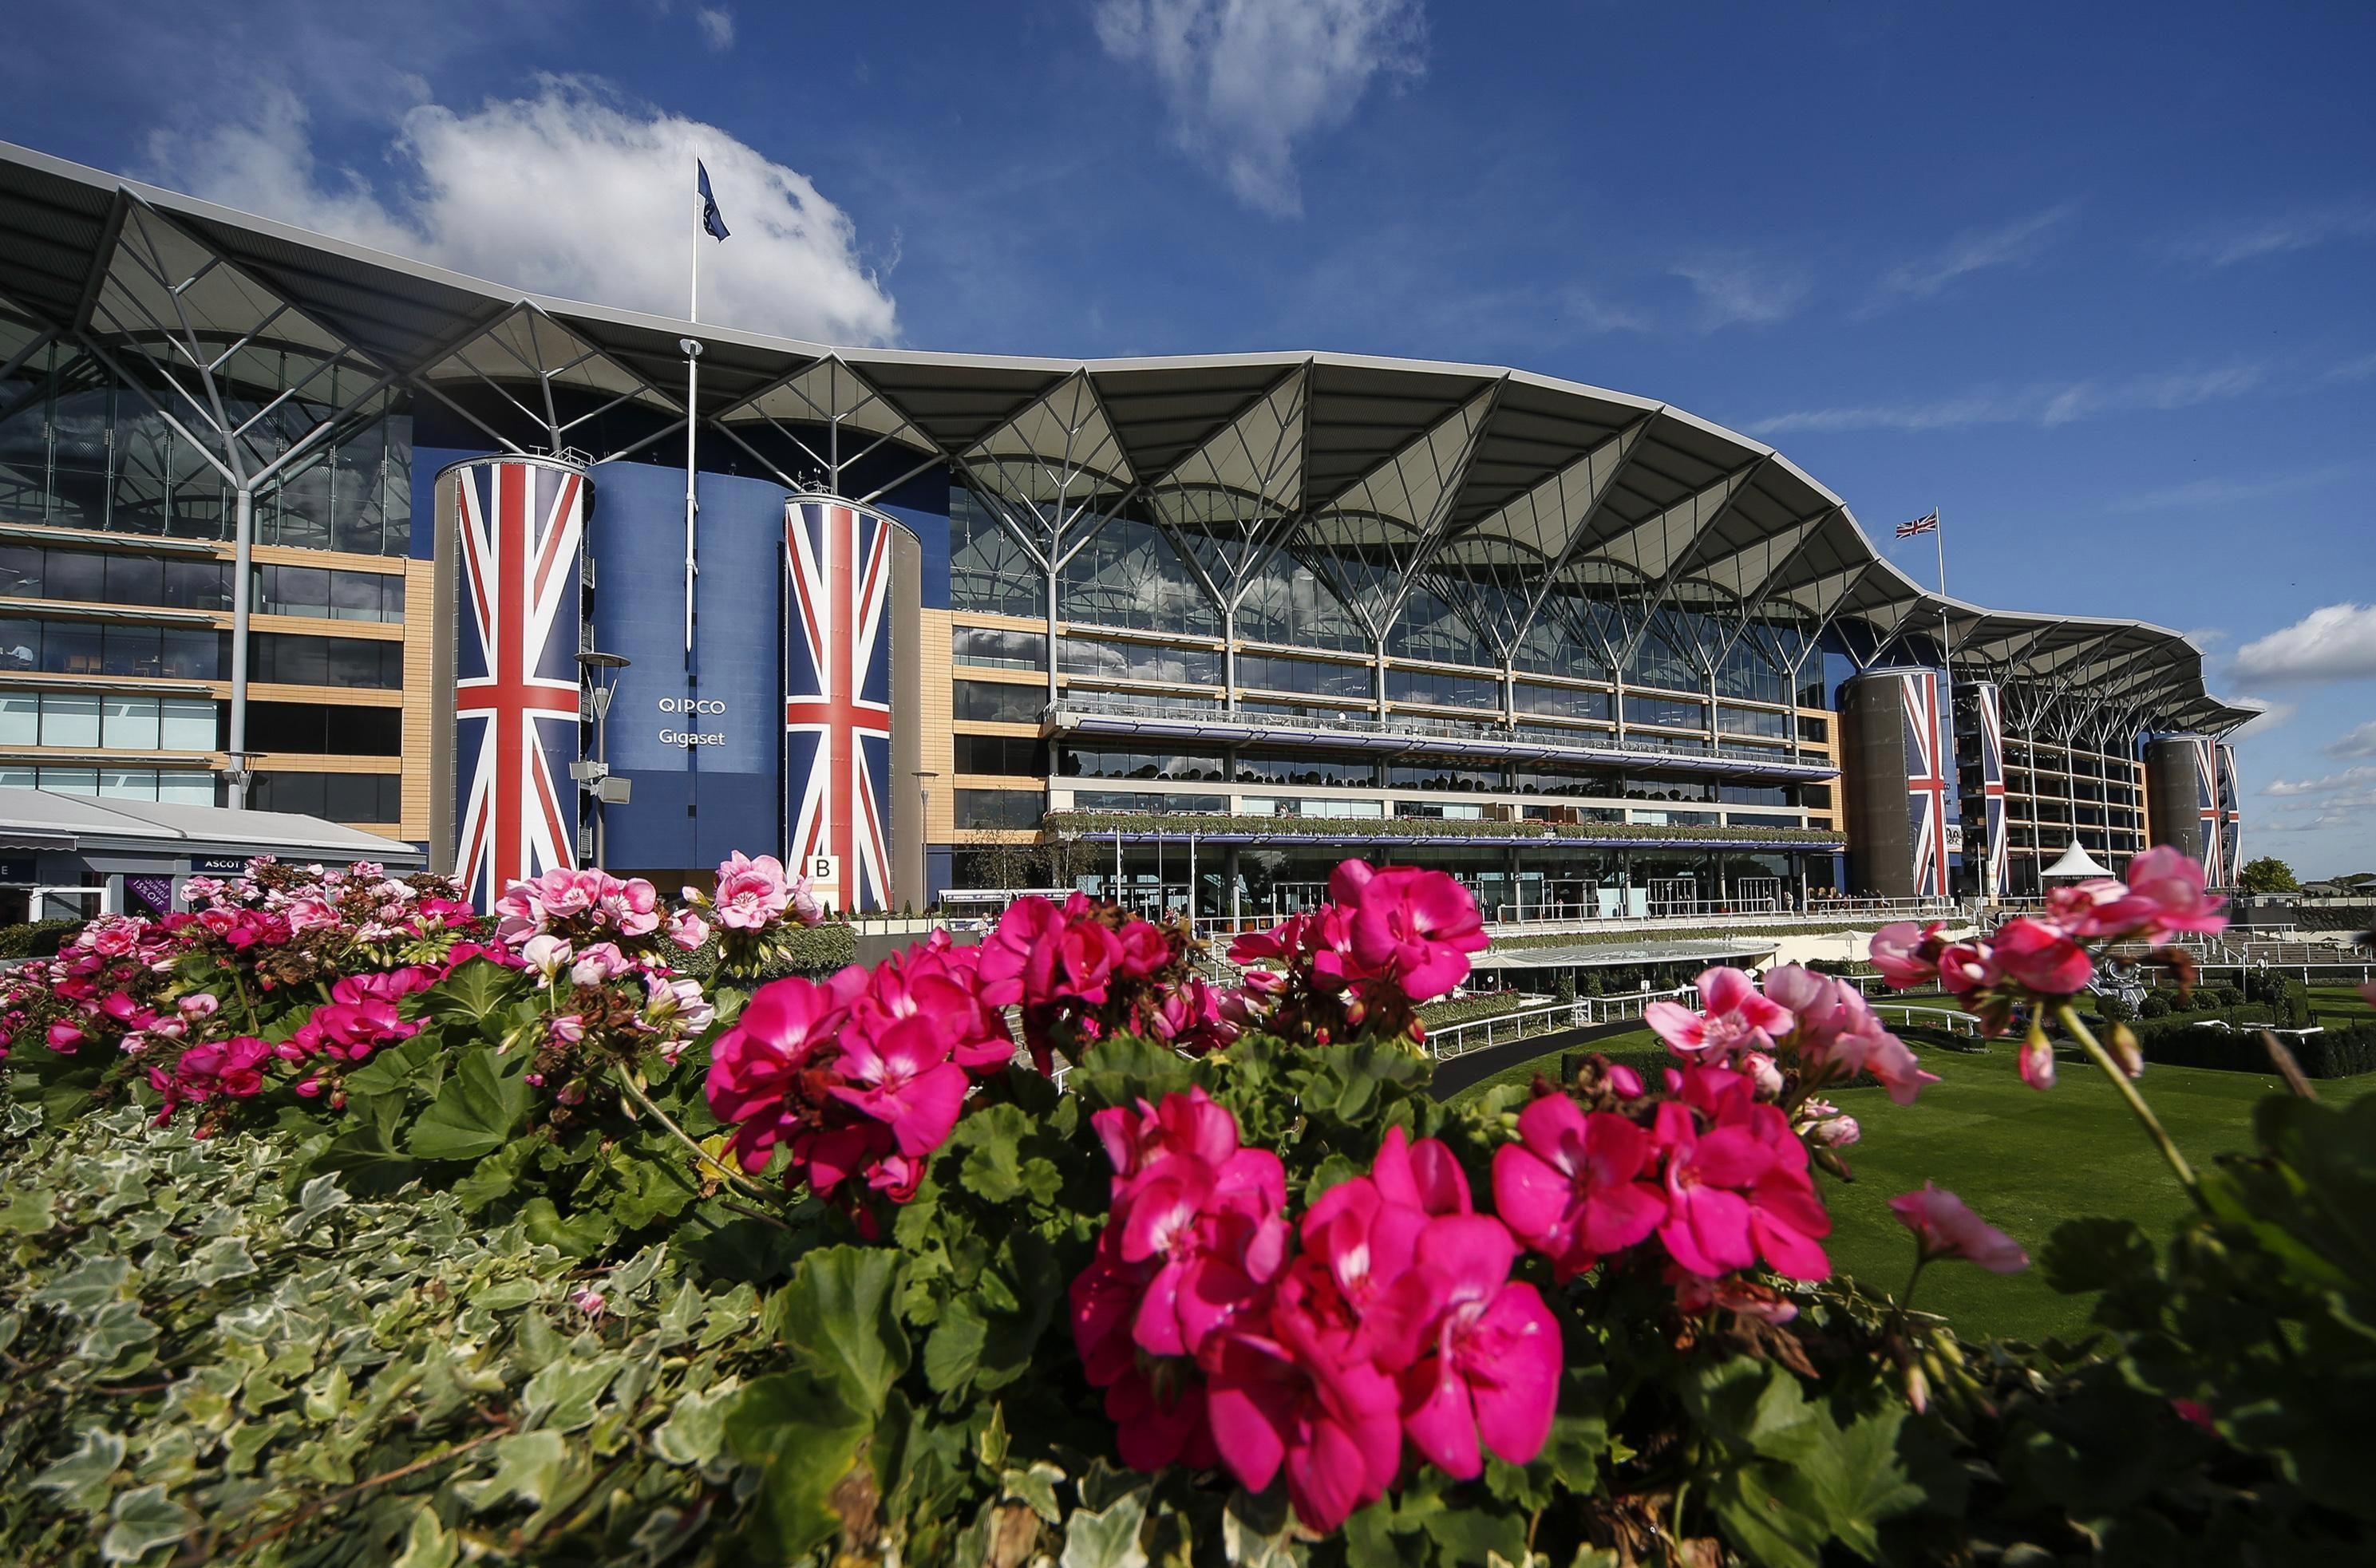 Royal Ascot starts next Tuesday